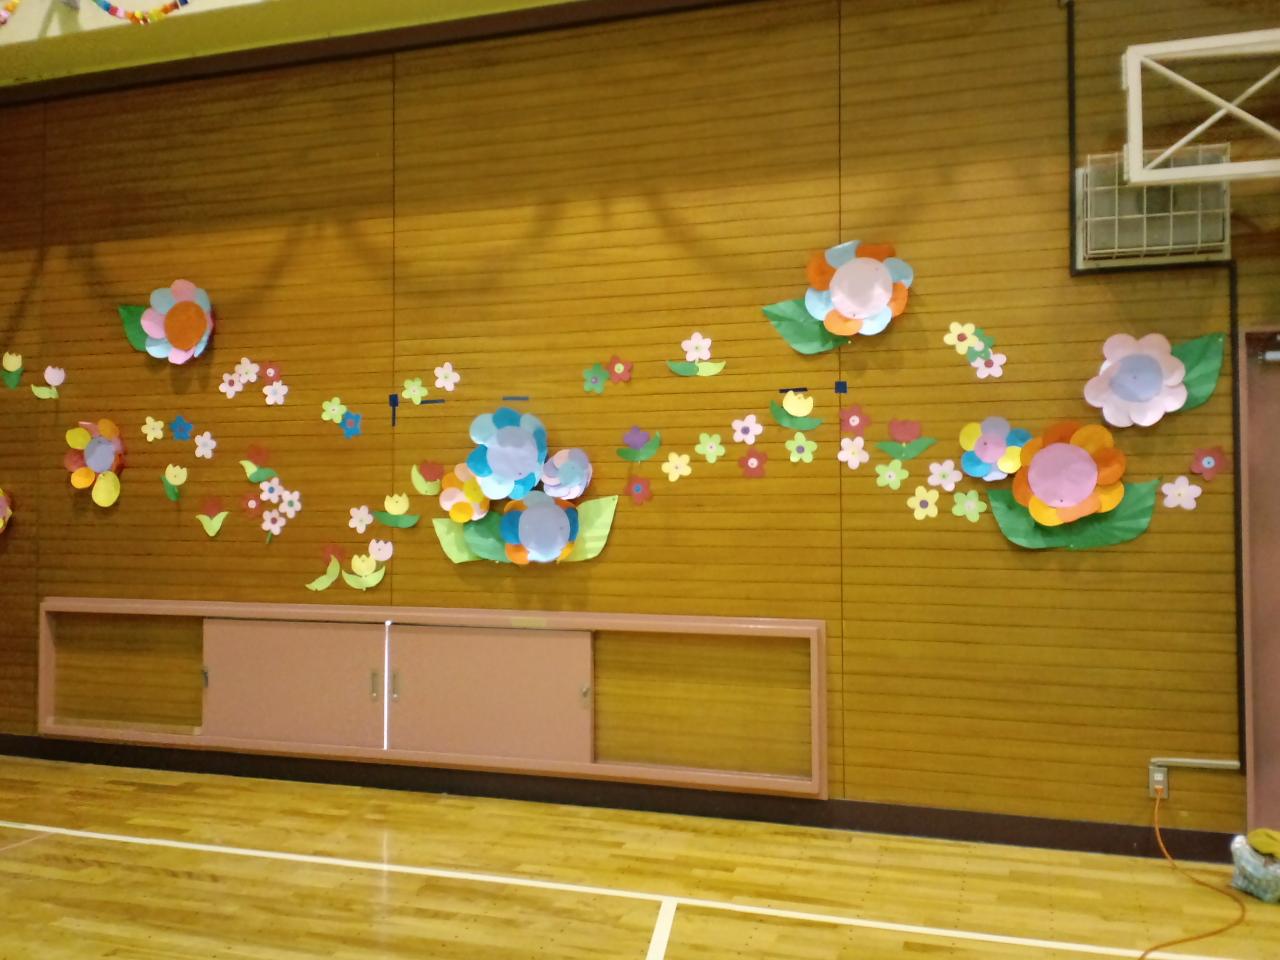 6年生を送る会 | ほっぺちゃんの ママ絵本読んで - 楽天ブログ